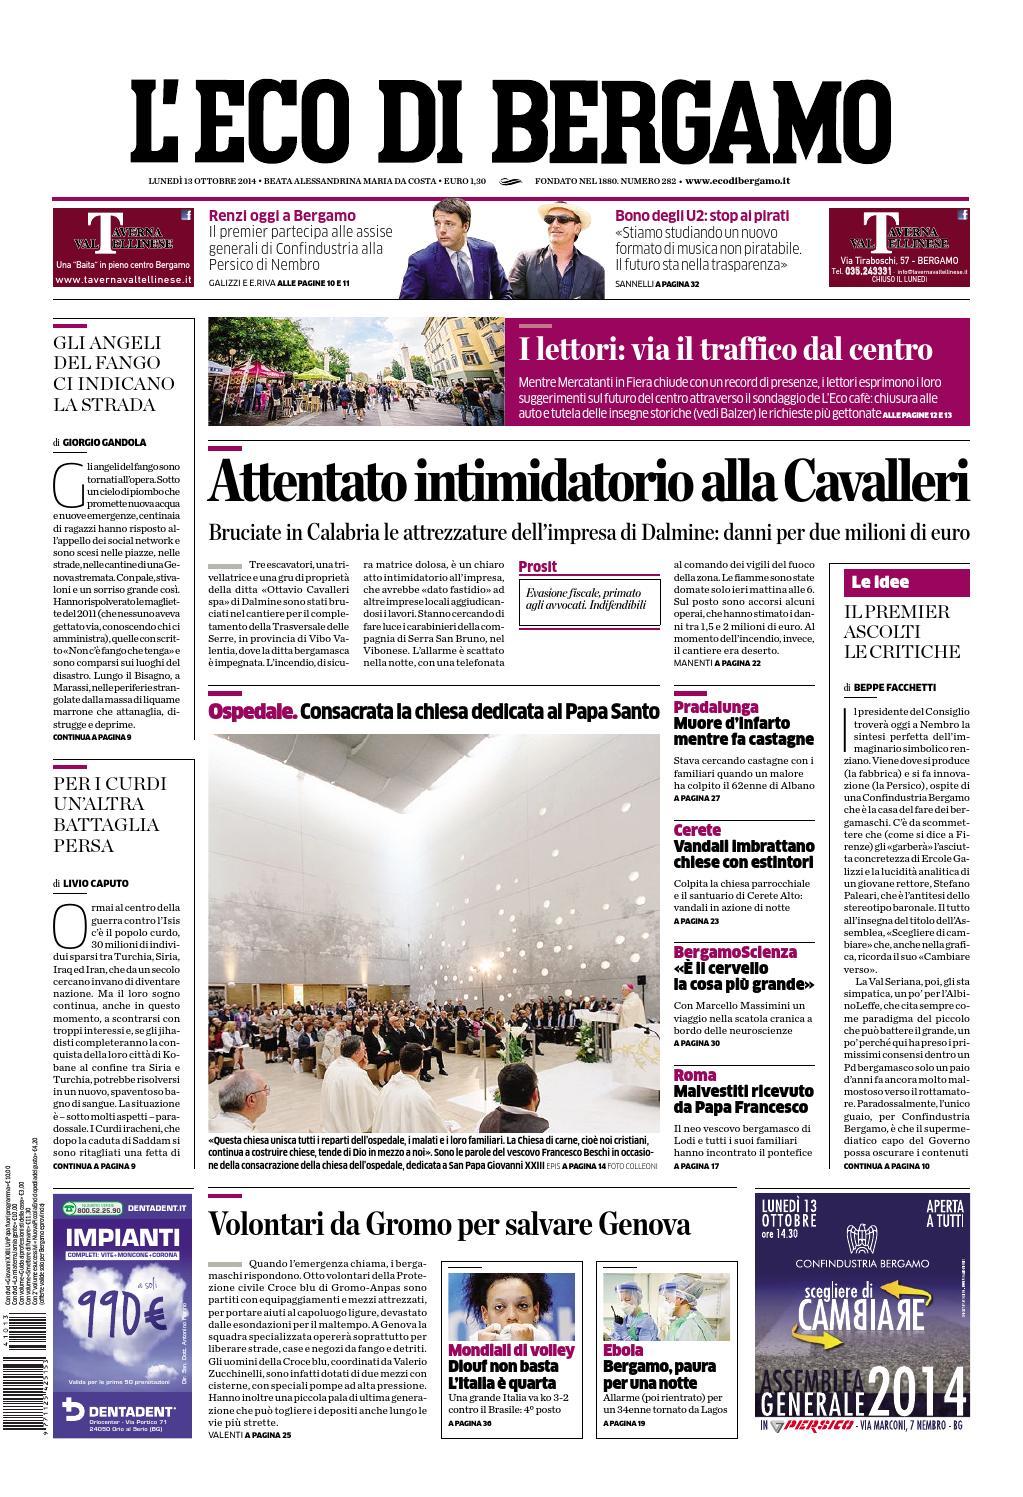 L'Eco di Bergamo by OPQ - Organizzazione Pubblicità ...